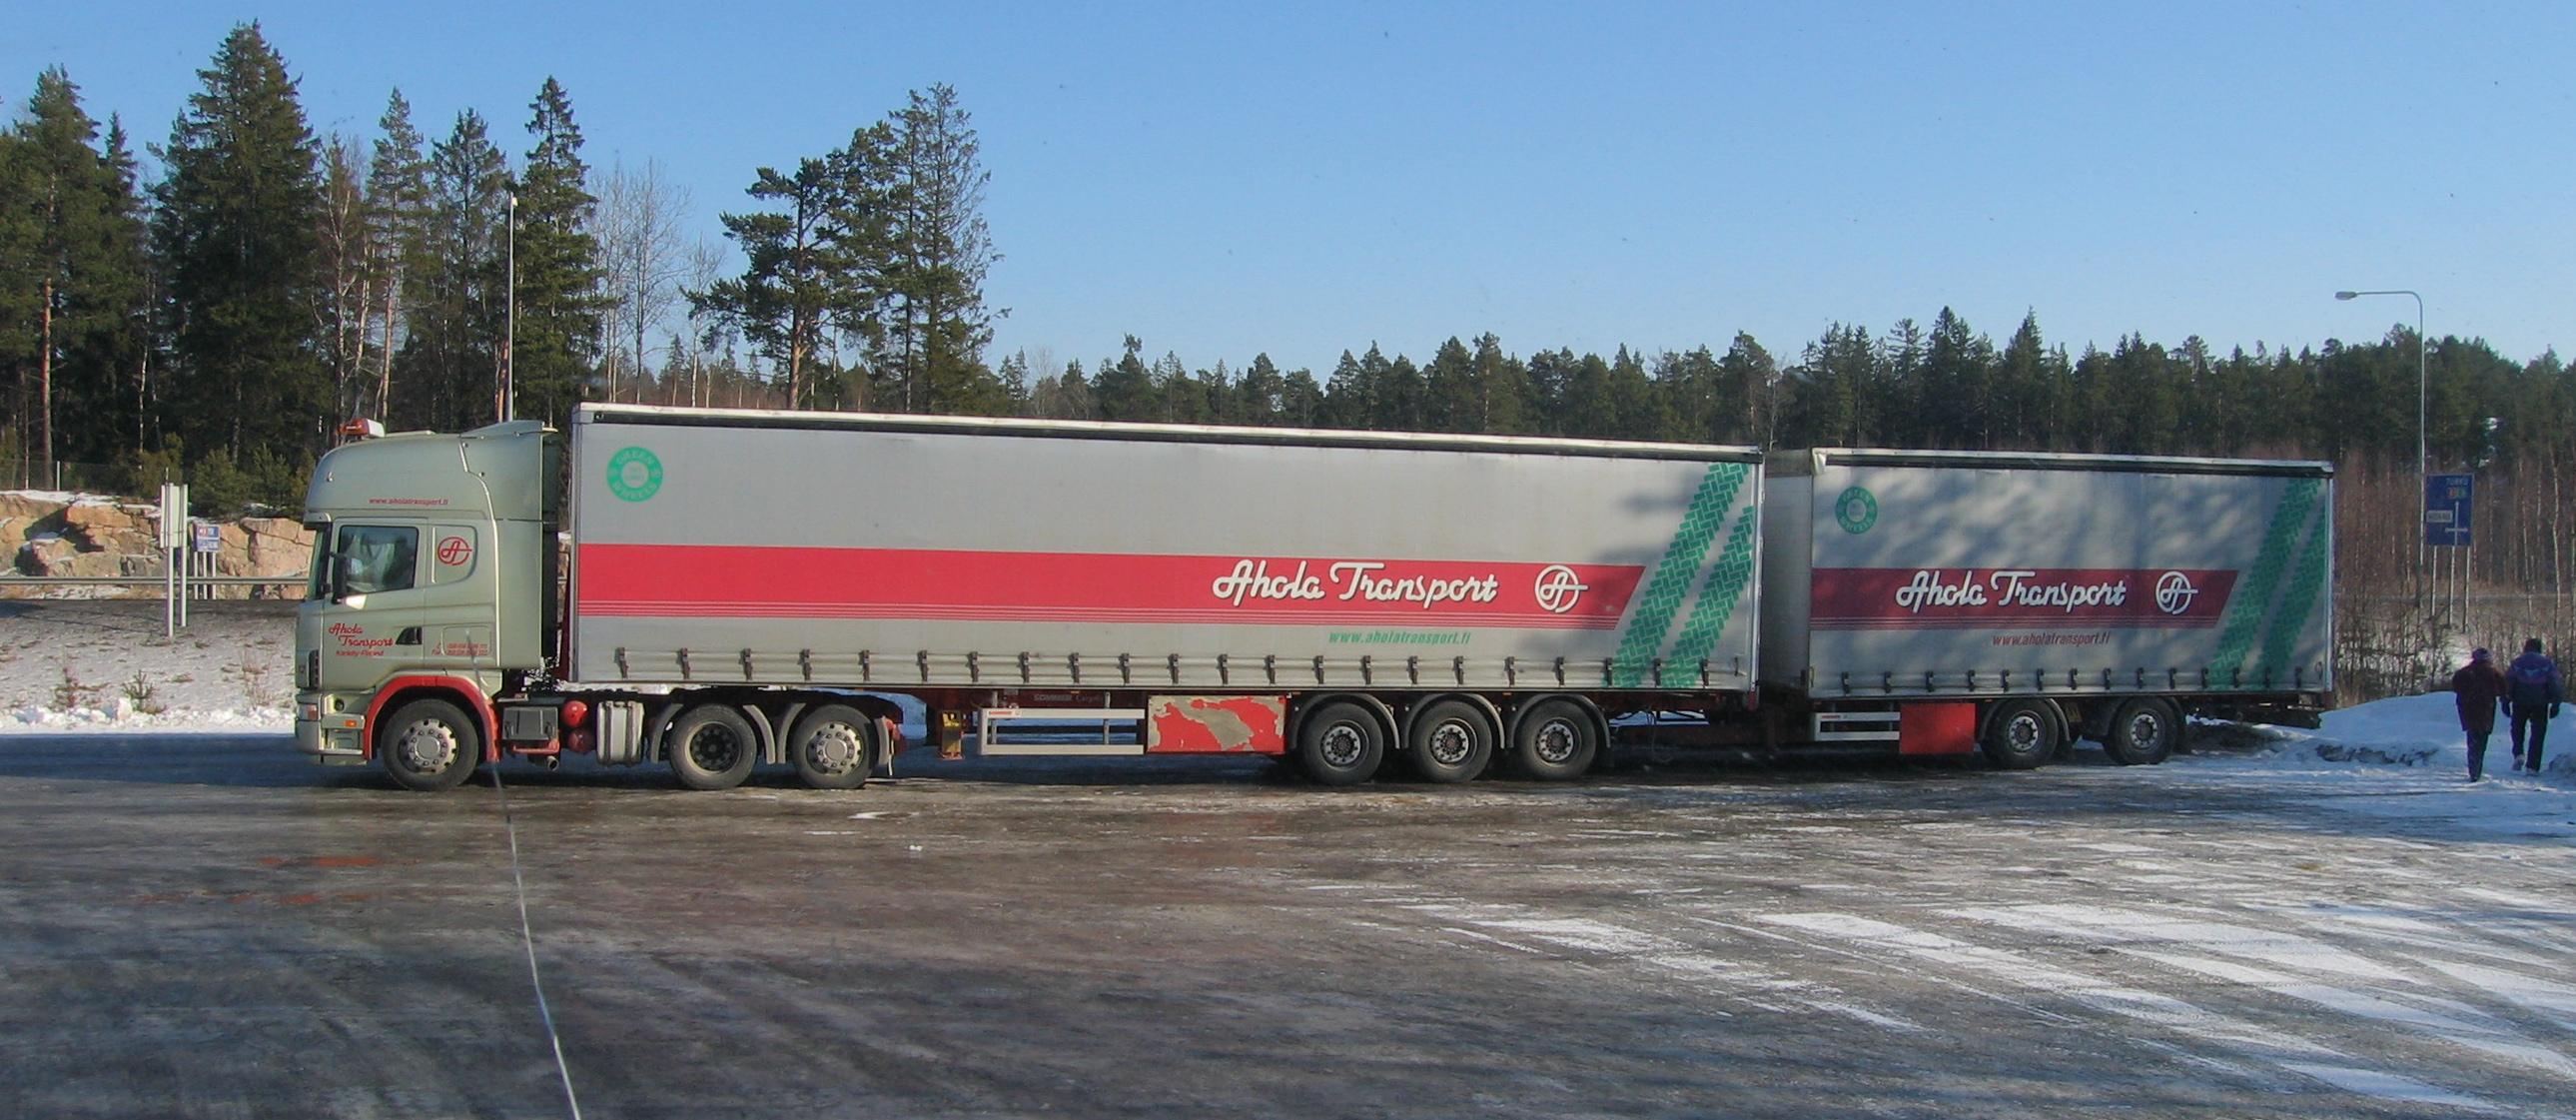 Scania_puoliperävaunu_ja_keskiakseliperävaunu_Rauma_Finland.jpg